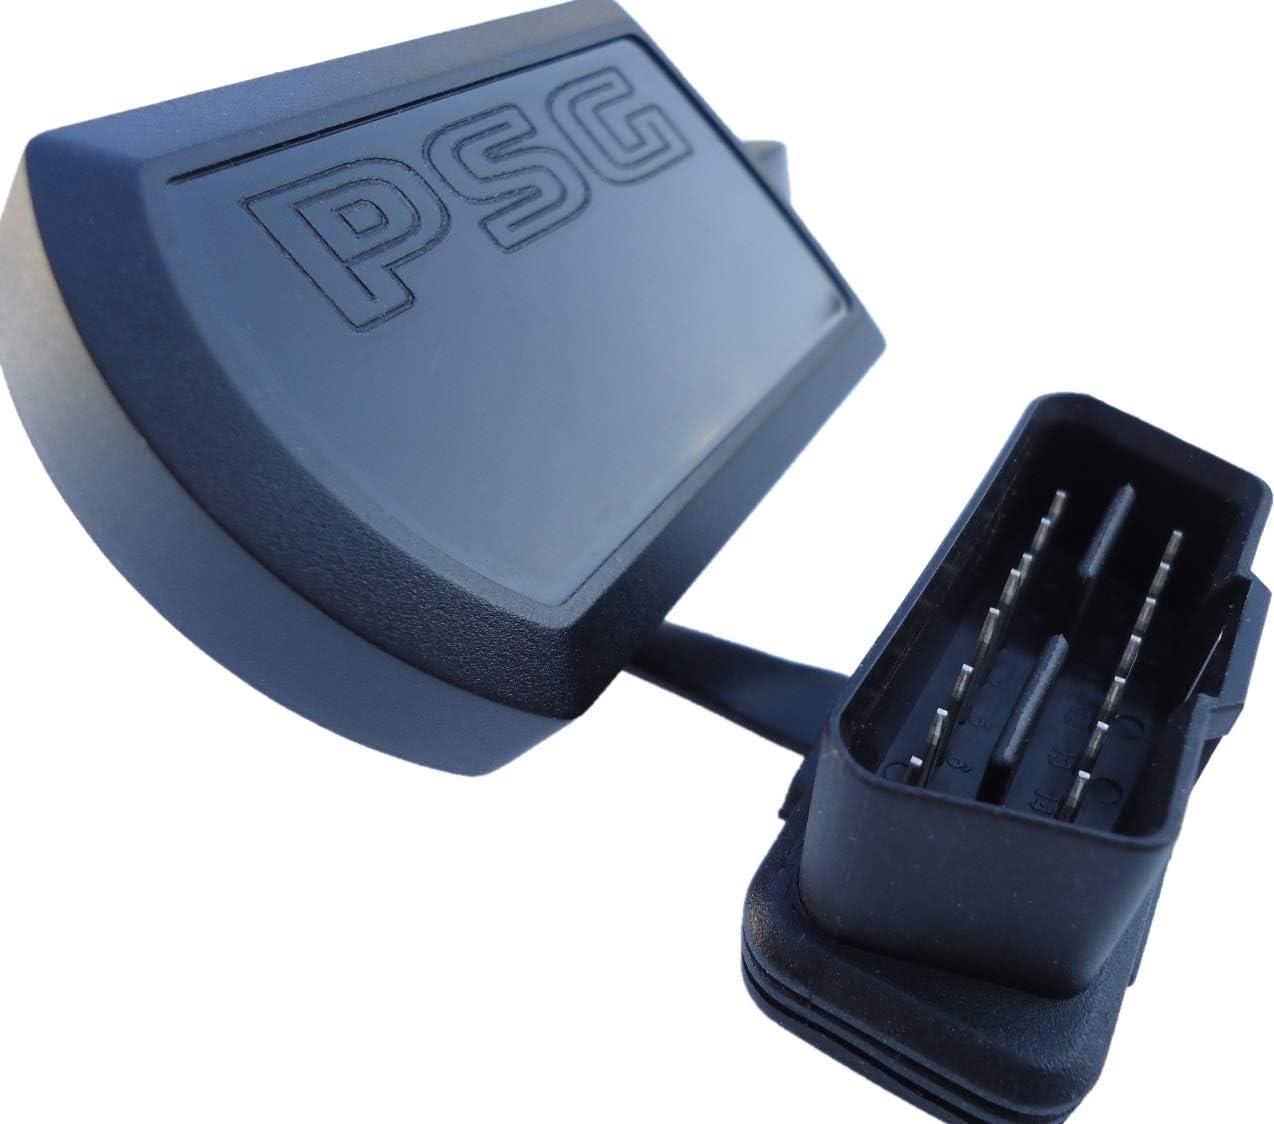 Chiptuning Box von Pro Systems Germany geeignet f/ür alle BMW 2er 218 Modelle